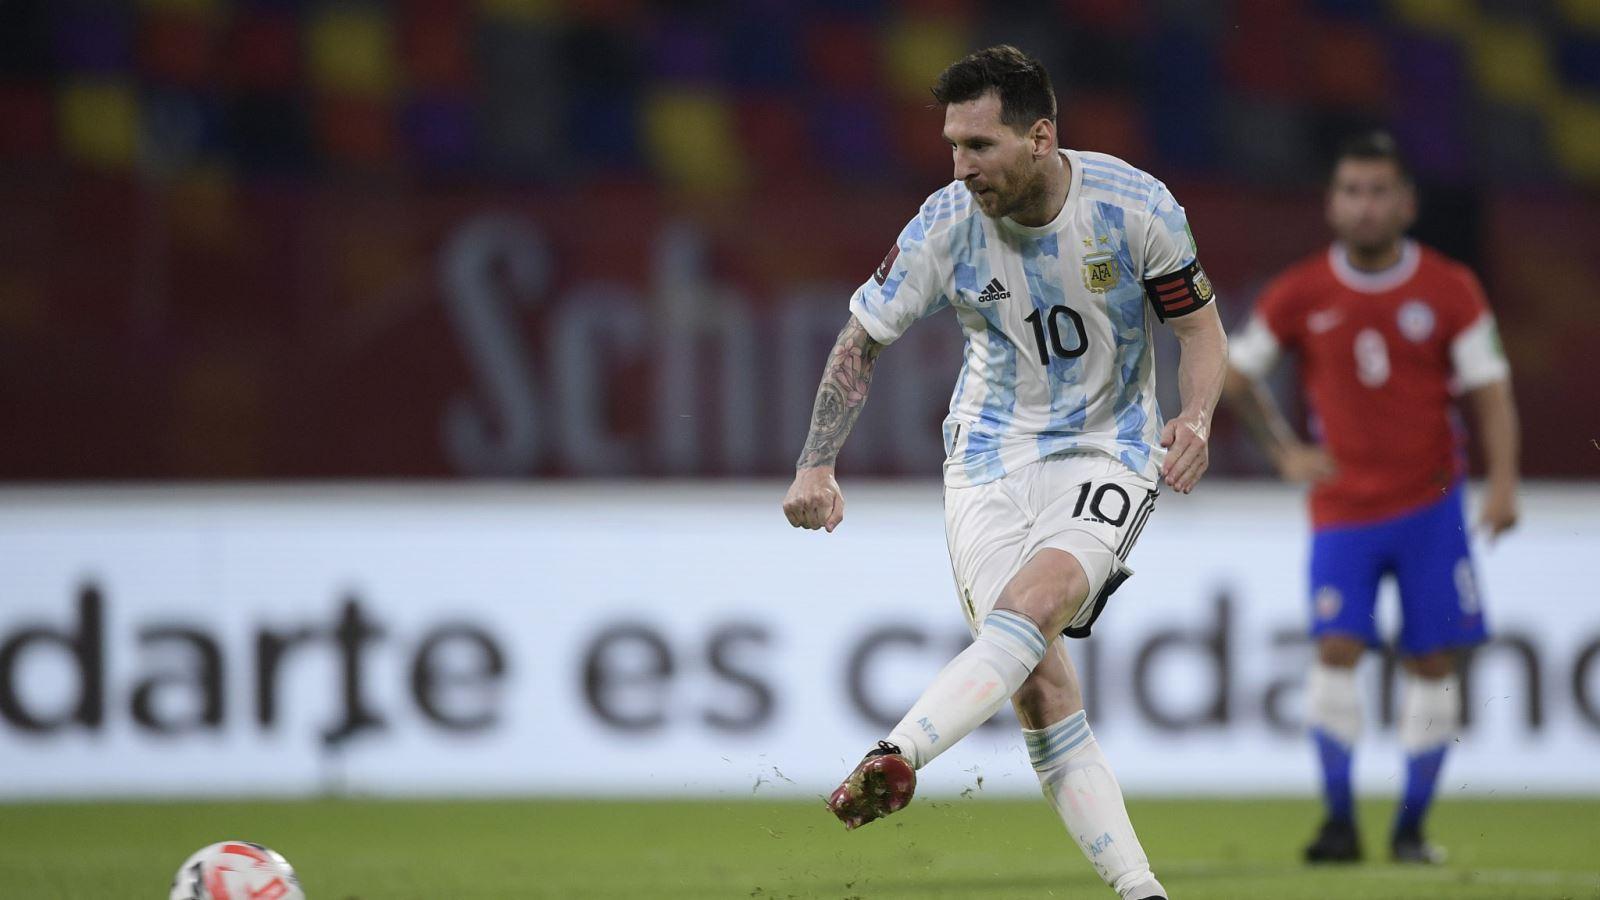 kết quả argentina vs chile, chile, argentina, messi, alexis sanchez, vòng loại world cup 2022, lịch thi đấu bóng đá